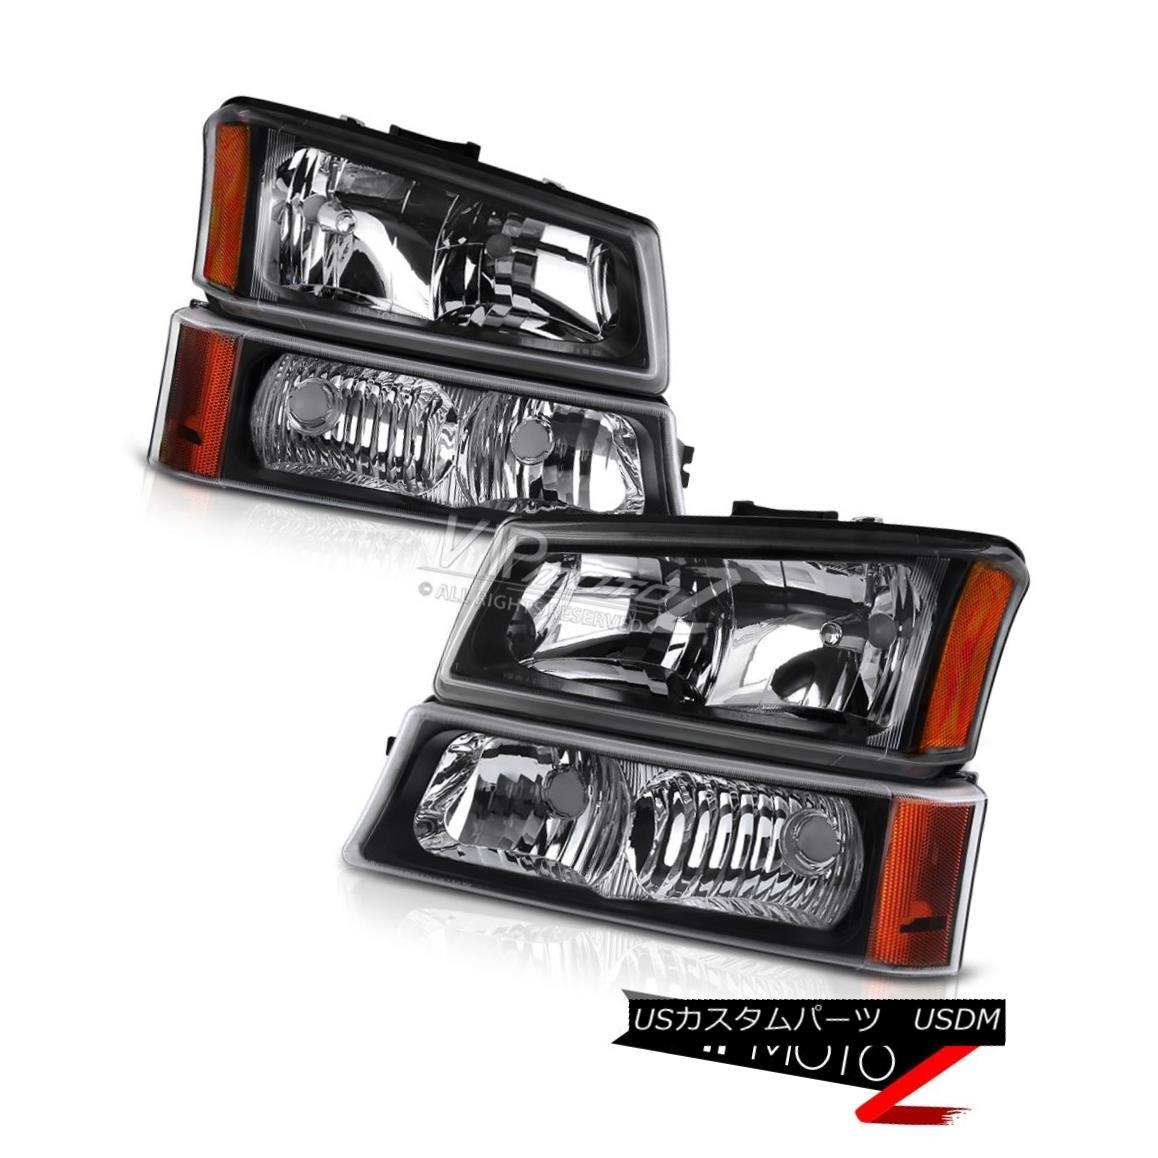 ヘッドライト 03-06 Silverado 1500 NEW Left Right Front Headlights Parking Signal Bumper Set 03-06 Silverado 1500 NEW左右フロントヘッドライトパーキングシグナルバンパーセット